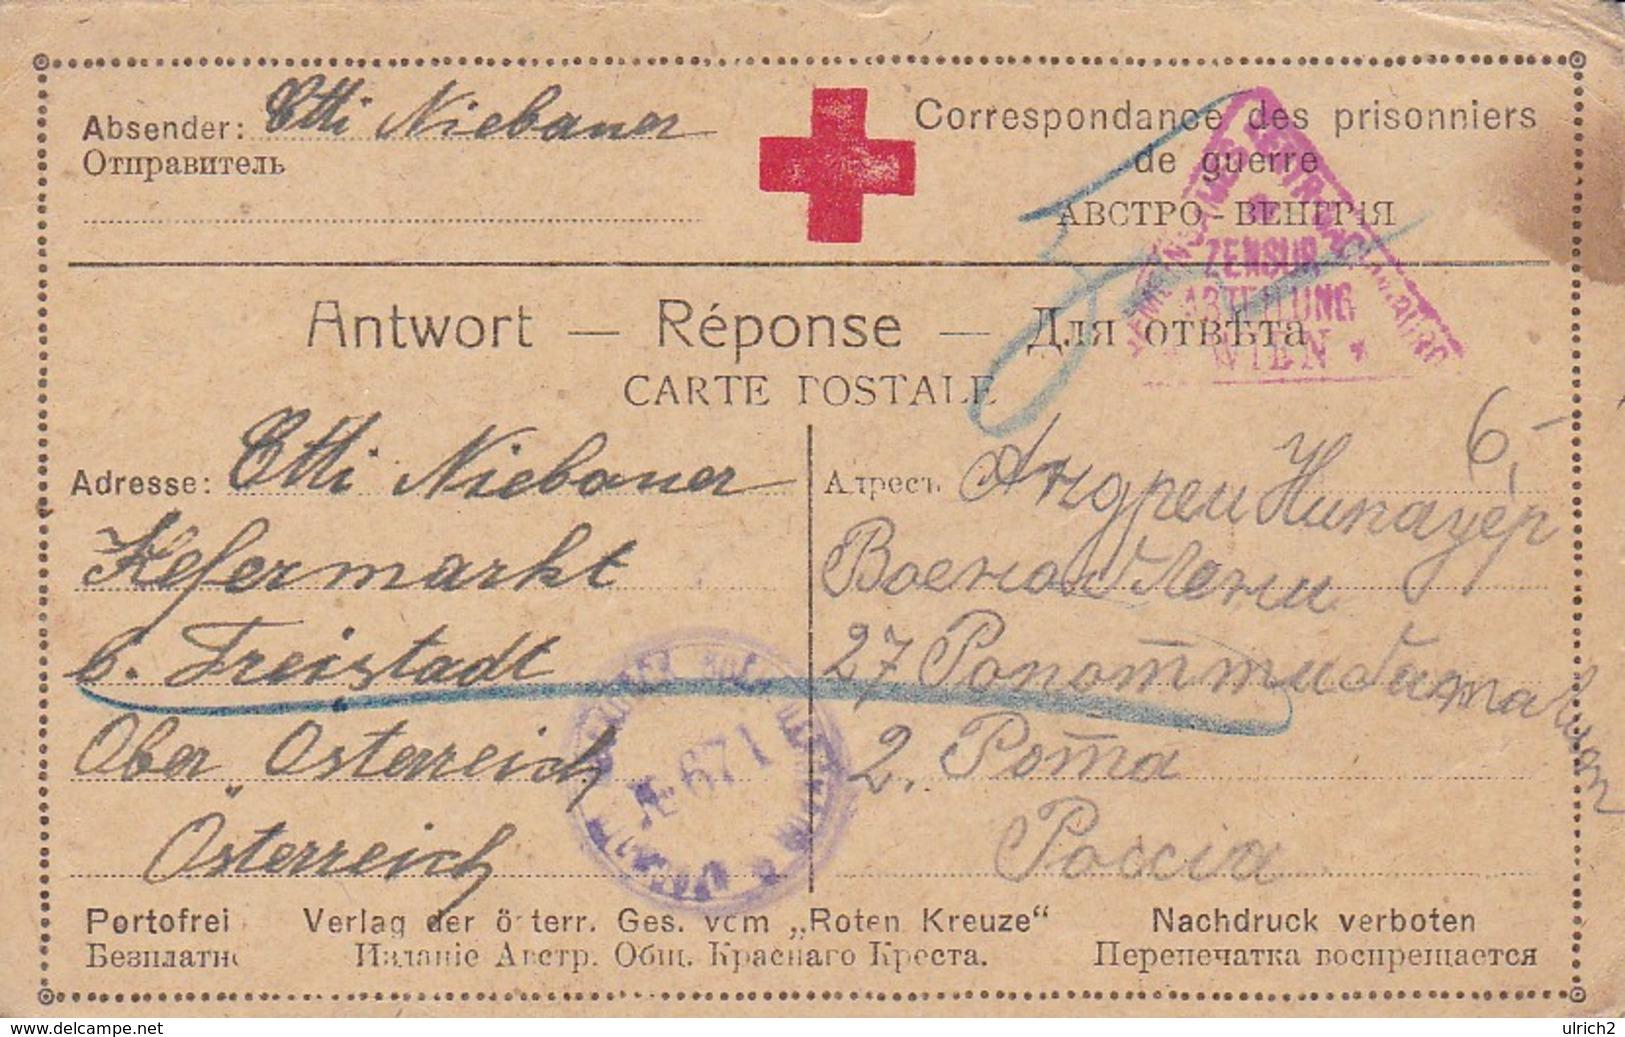 Karte - Kefermarkt An Kriegsgefangenen In Russland - Rotes Kreuz - POW - 1917 (39312) - Briefe U. Dokumente